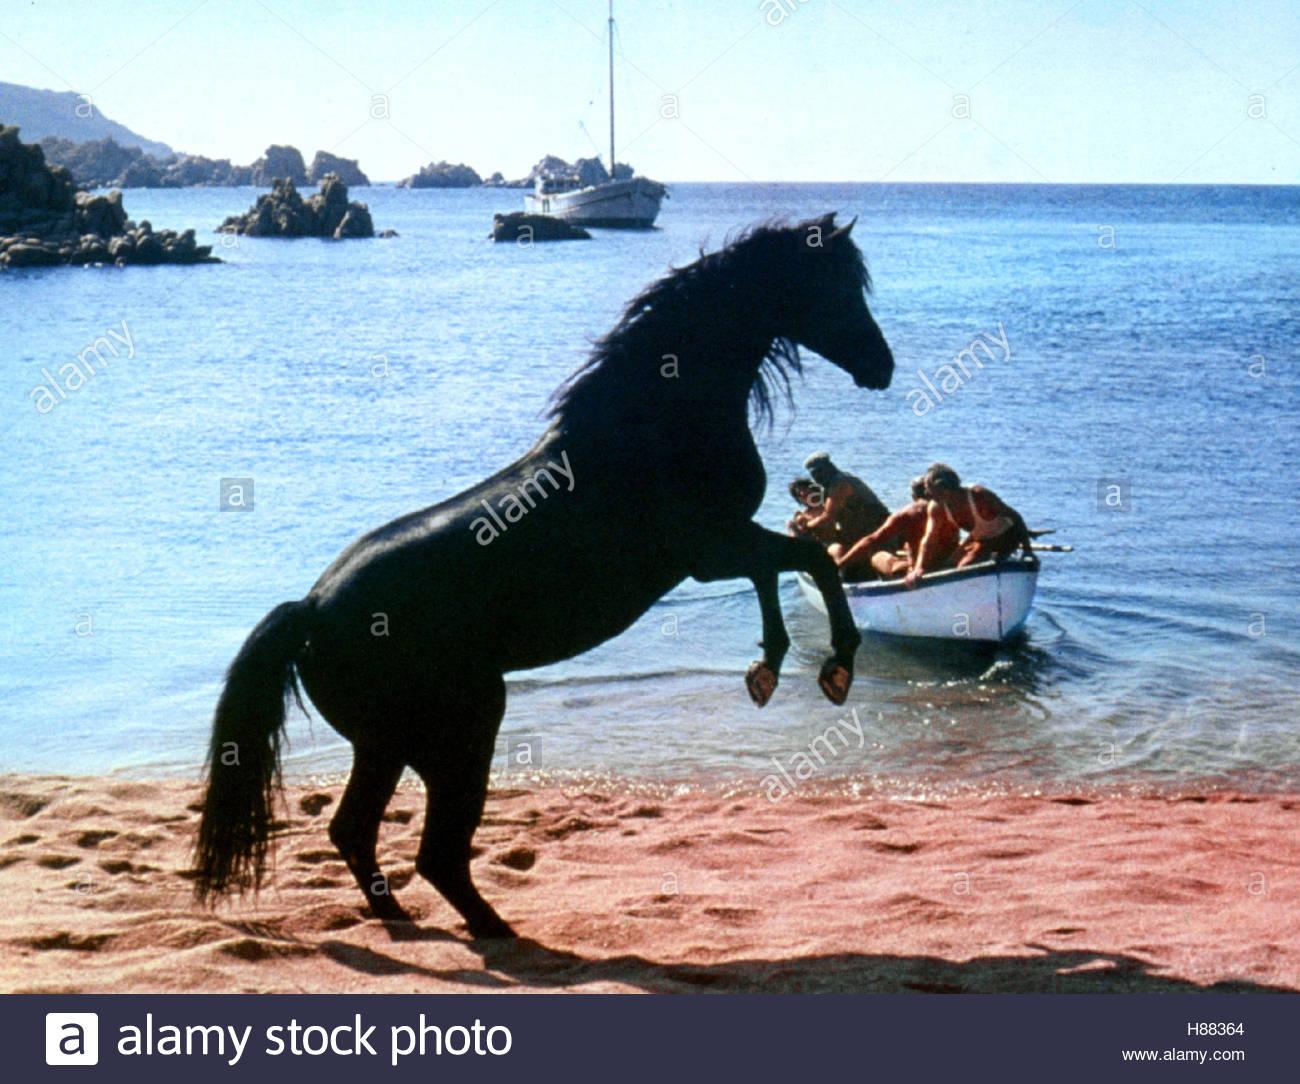 Der schwarze Hengst, (THE BLACK STALLION) USA 1979, Regie: Carroll Ballard, Stichwort: Strand, Meer, Pferd, Boot - Stock Image